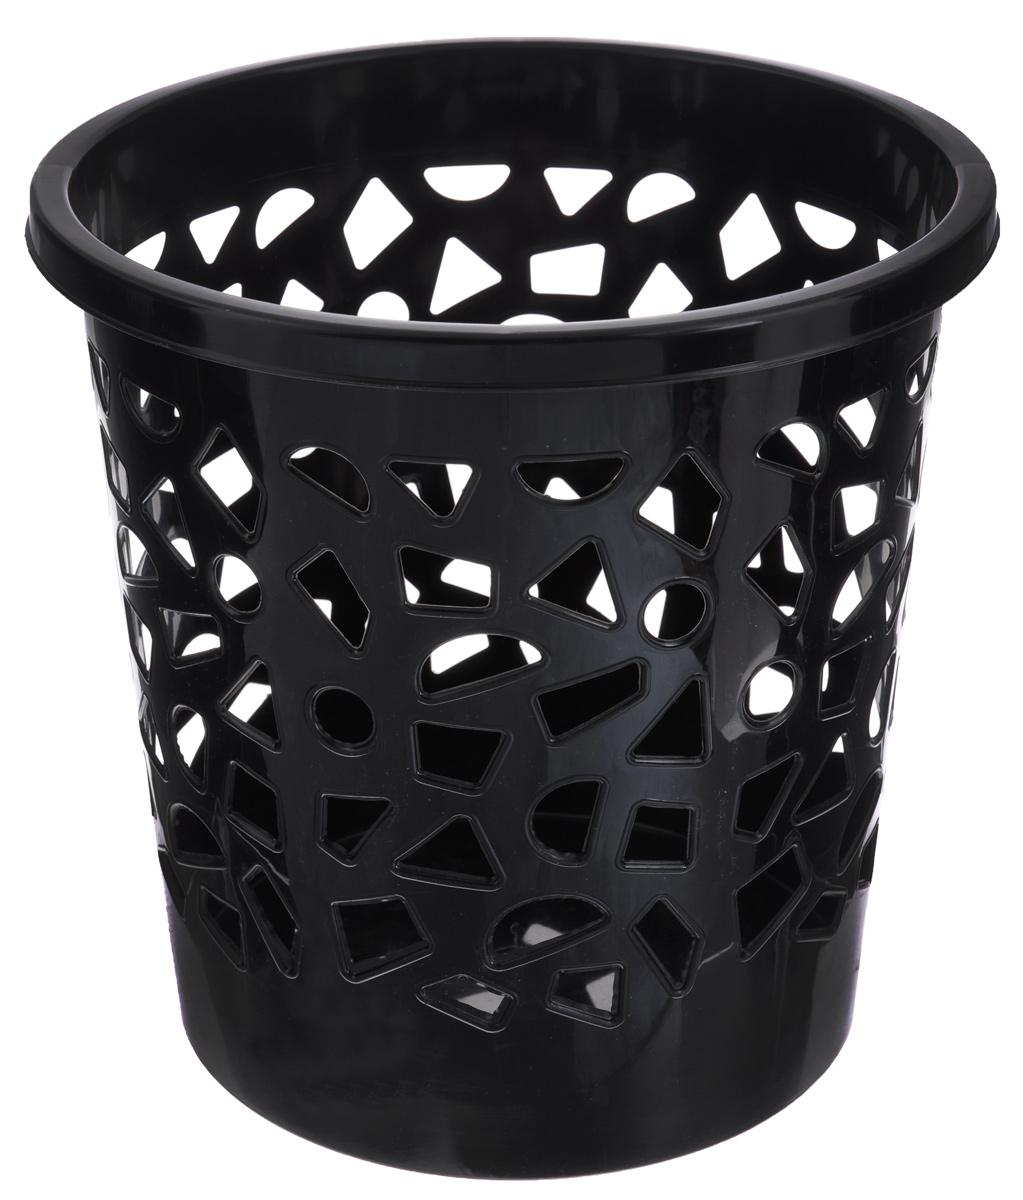 Корзина для мусора Бытпласт, цвет: черный, высота 26 смС12431_черныйКорзина для мусора Бытпласт, изготовлена из высококачественного пластика. Вы можете использовать ее для выбрасывания разных пищевых и не пищевых отходов. Корзина имеет отверстия на стенках и сплошное дно. Корзина для мусора поможет содержать ваше рабочее место в порядке.Диаметр (по верхнему краю): 26 см.Высота: 26 см.